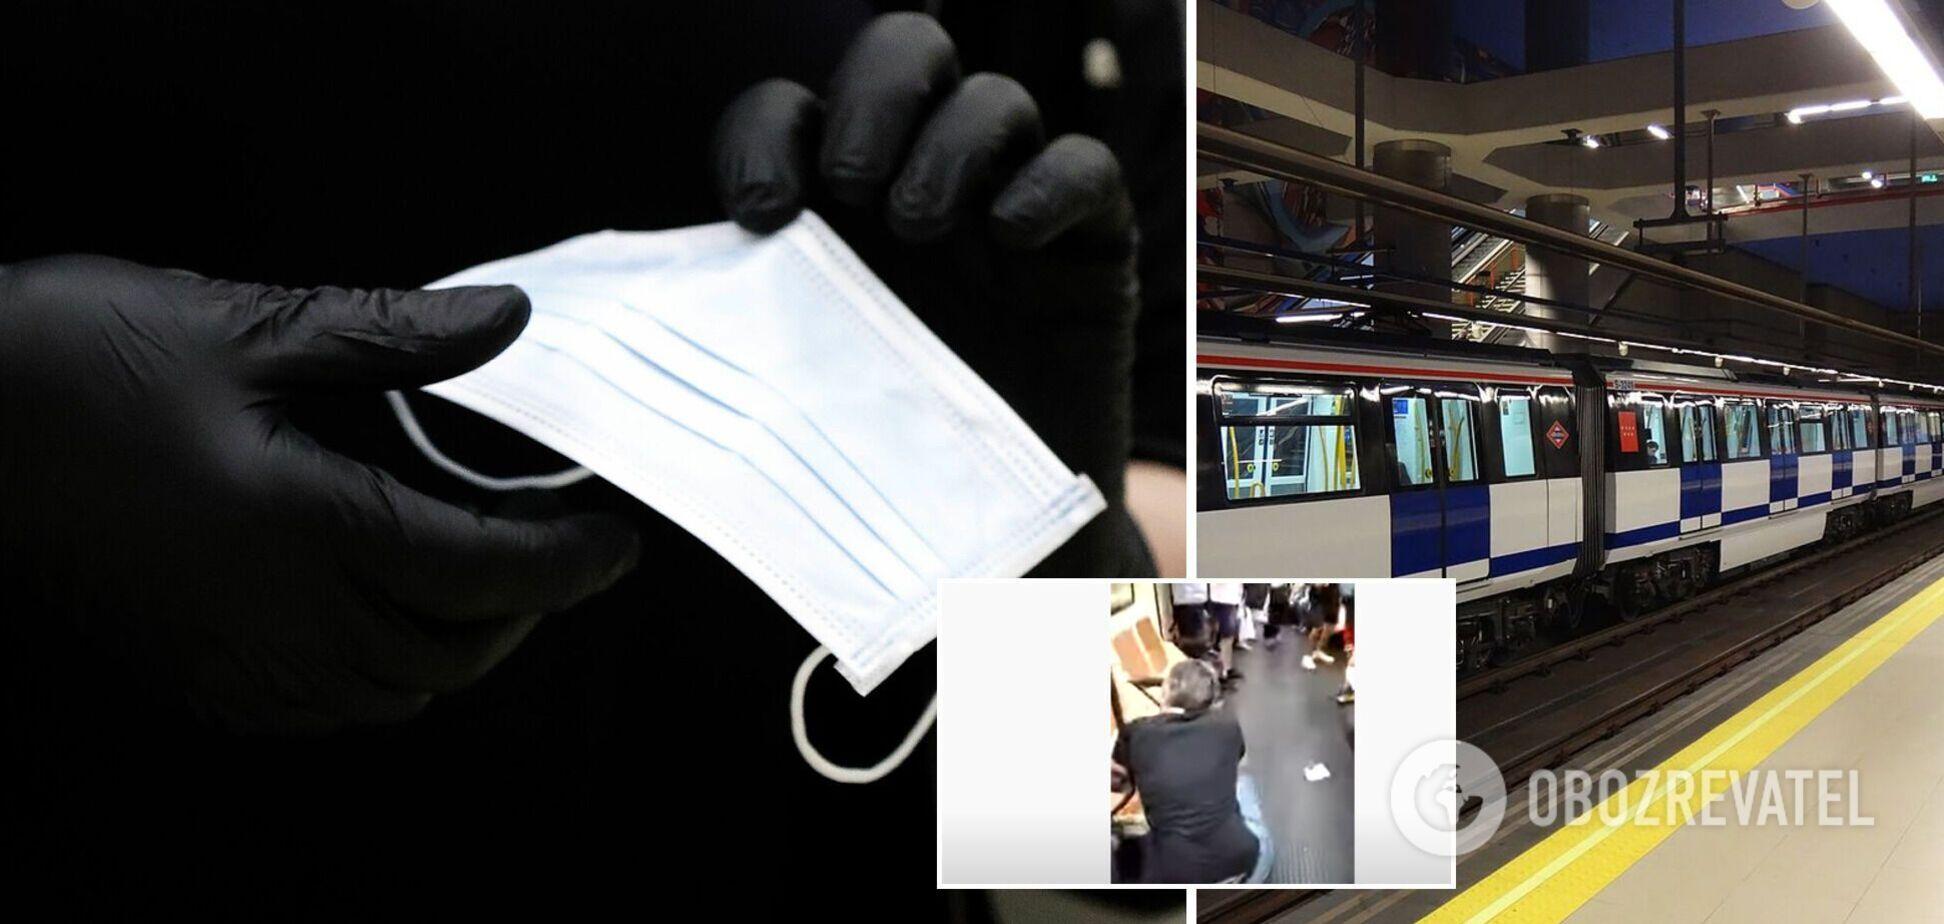 В Іспанії в метро медику вибили око через зауваження про відсутність маски. Відео